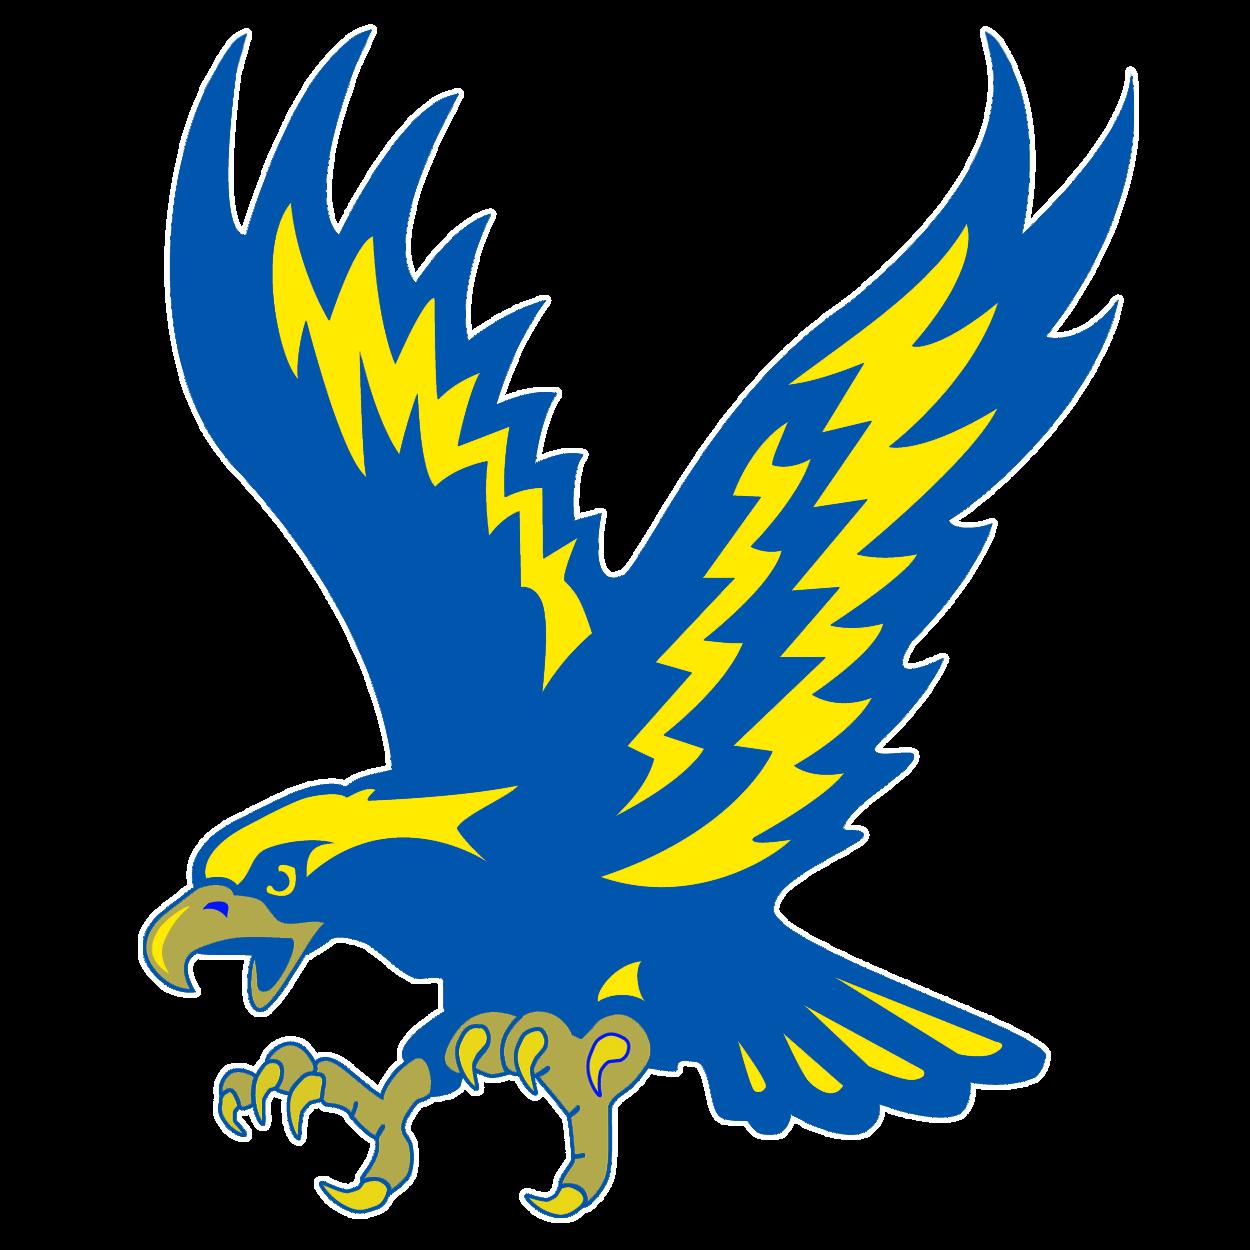 Eagle logo png - photo#23